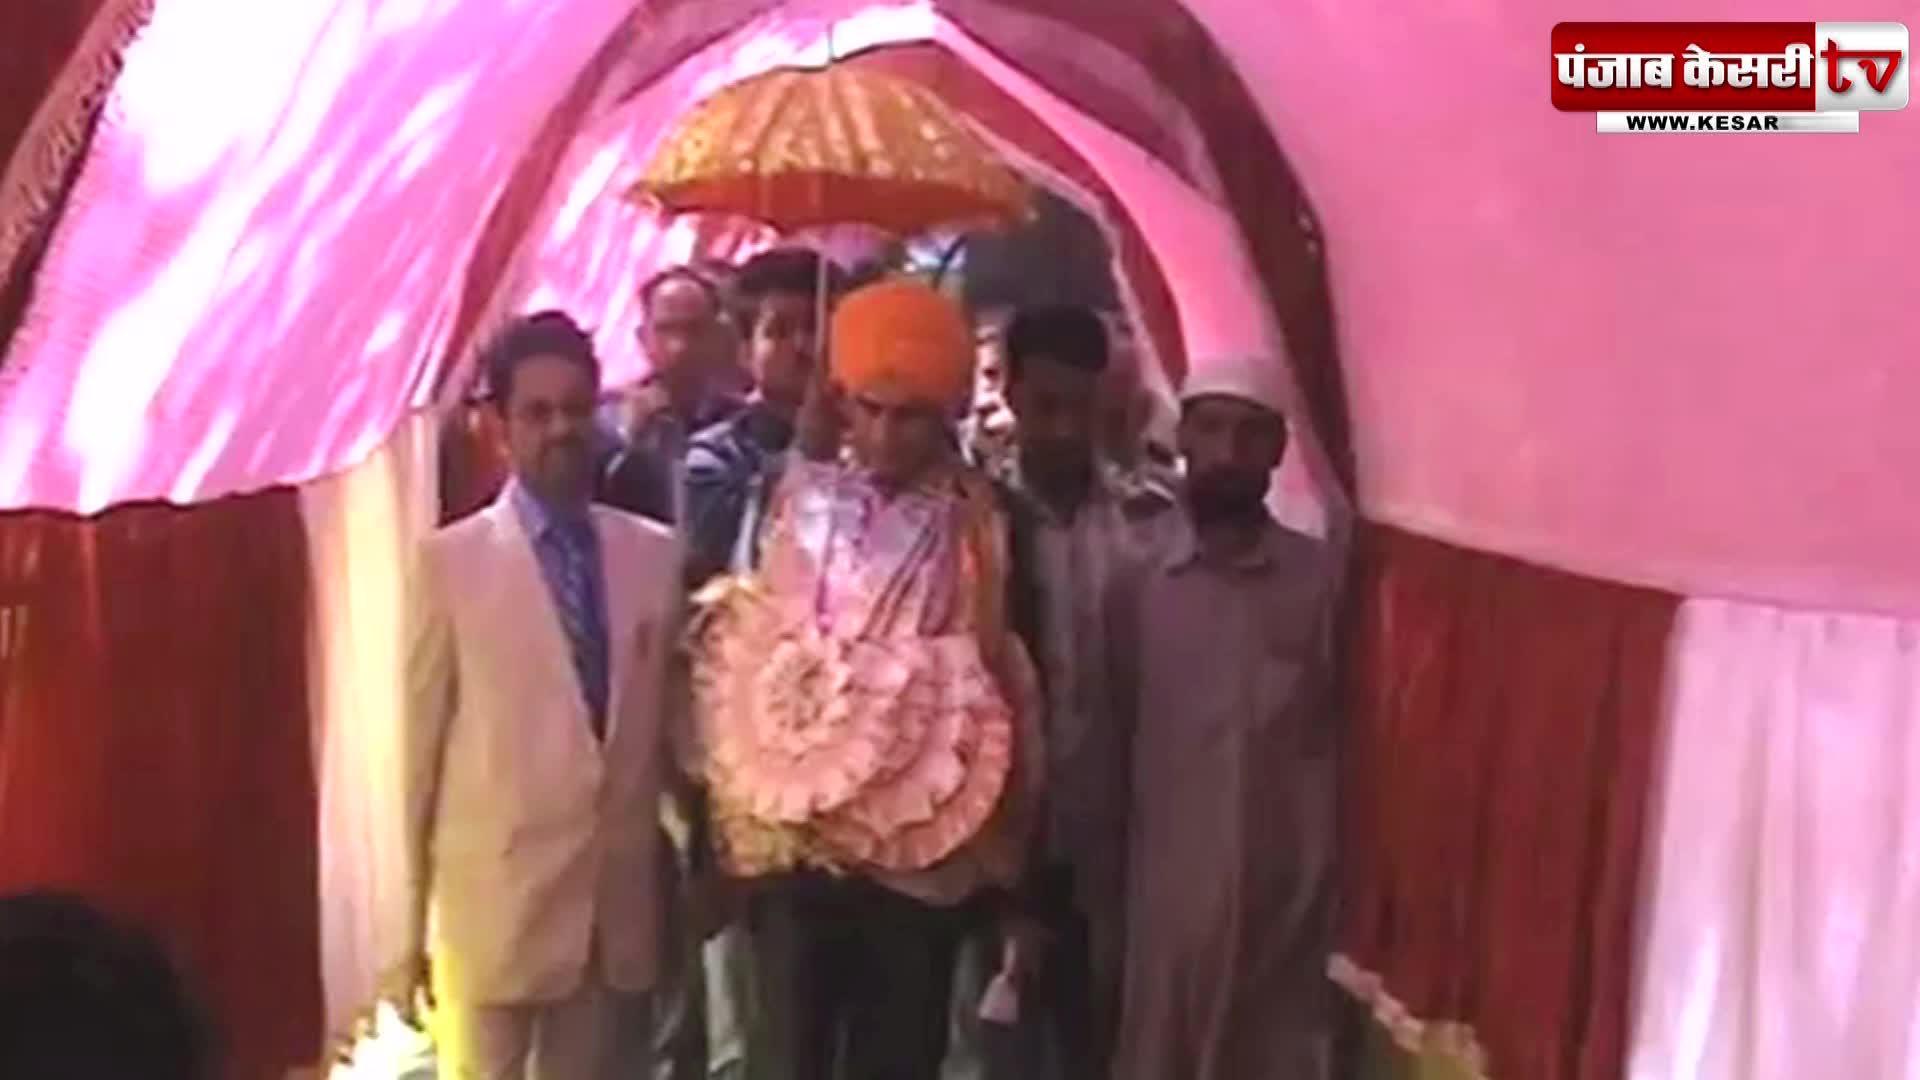 Image of अशांति के बीच मुस्लिम और सिखों ने कराई पंडित जोड़ी की शादी